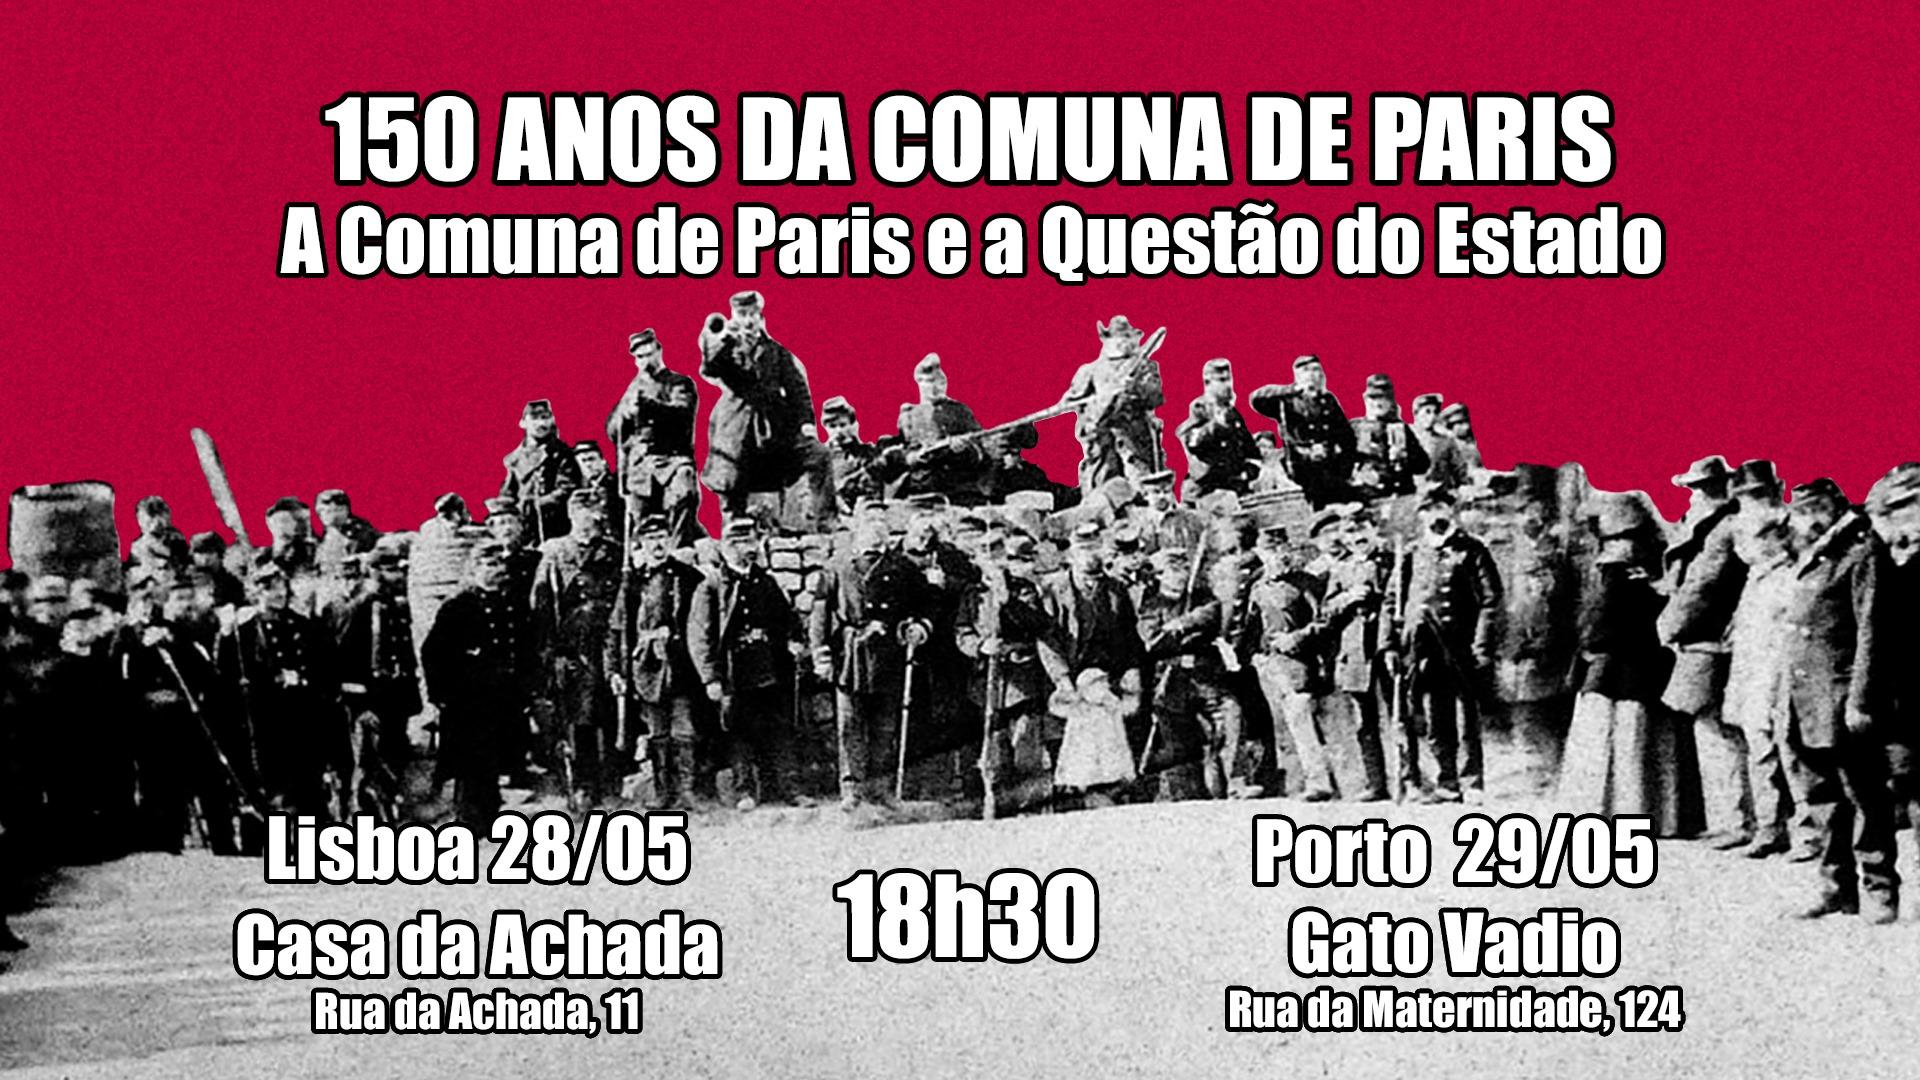 [PORTO] - 150 anos da Comuna de Paris: A Comuna de Paris e a Questão do Estado